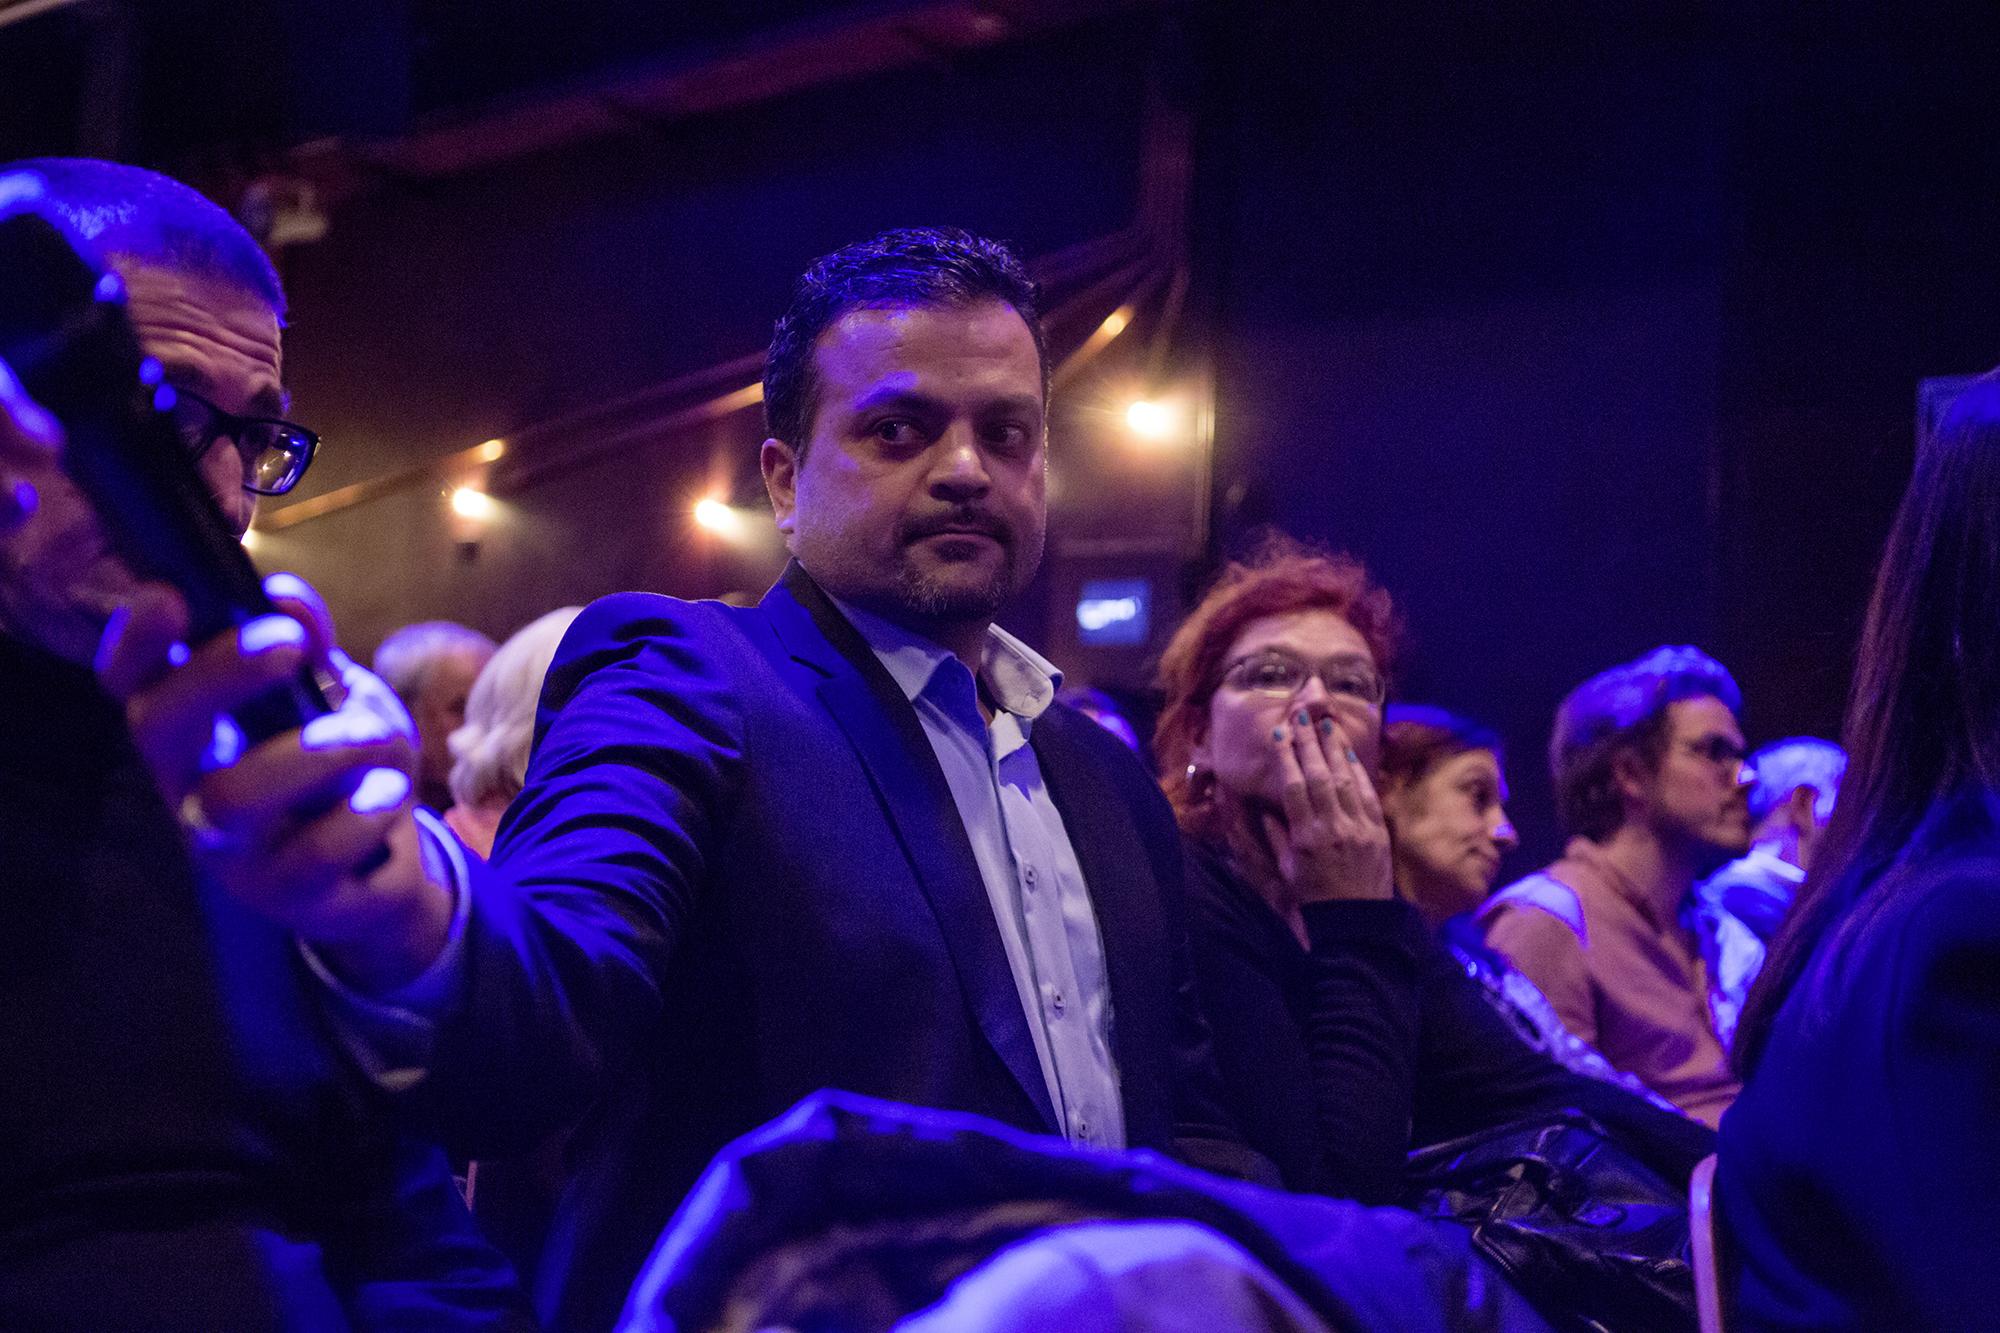 Das Publikum zeigte sich nach wie vor enttäuscht darüber, dass Kasernen-Moschee nicht bestehen bleibt.